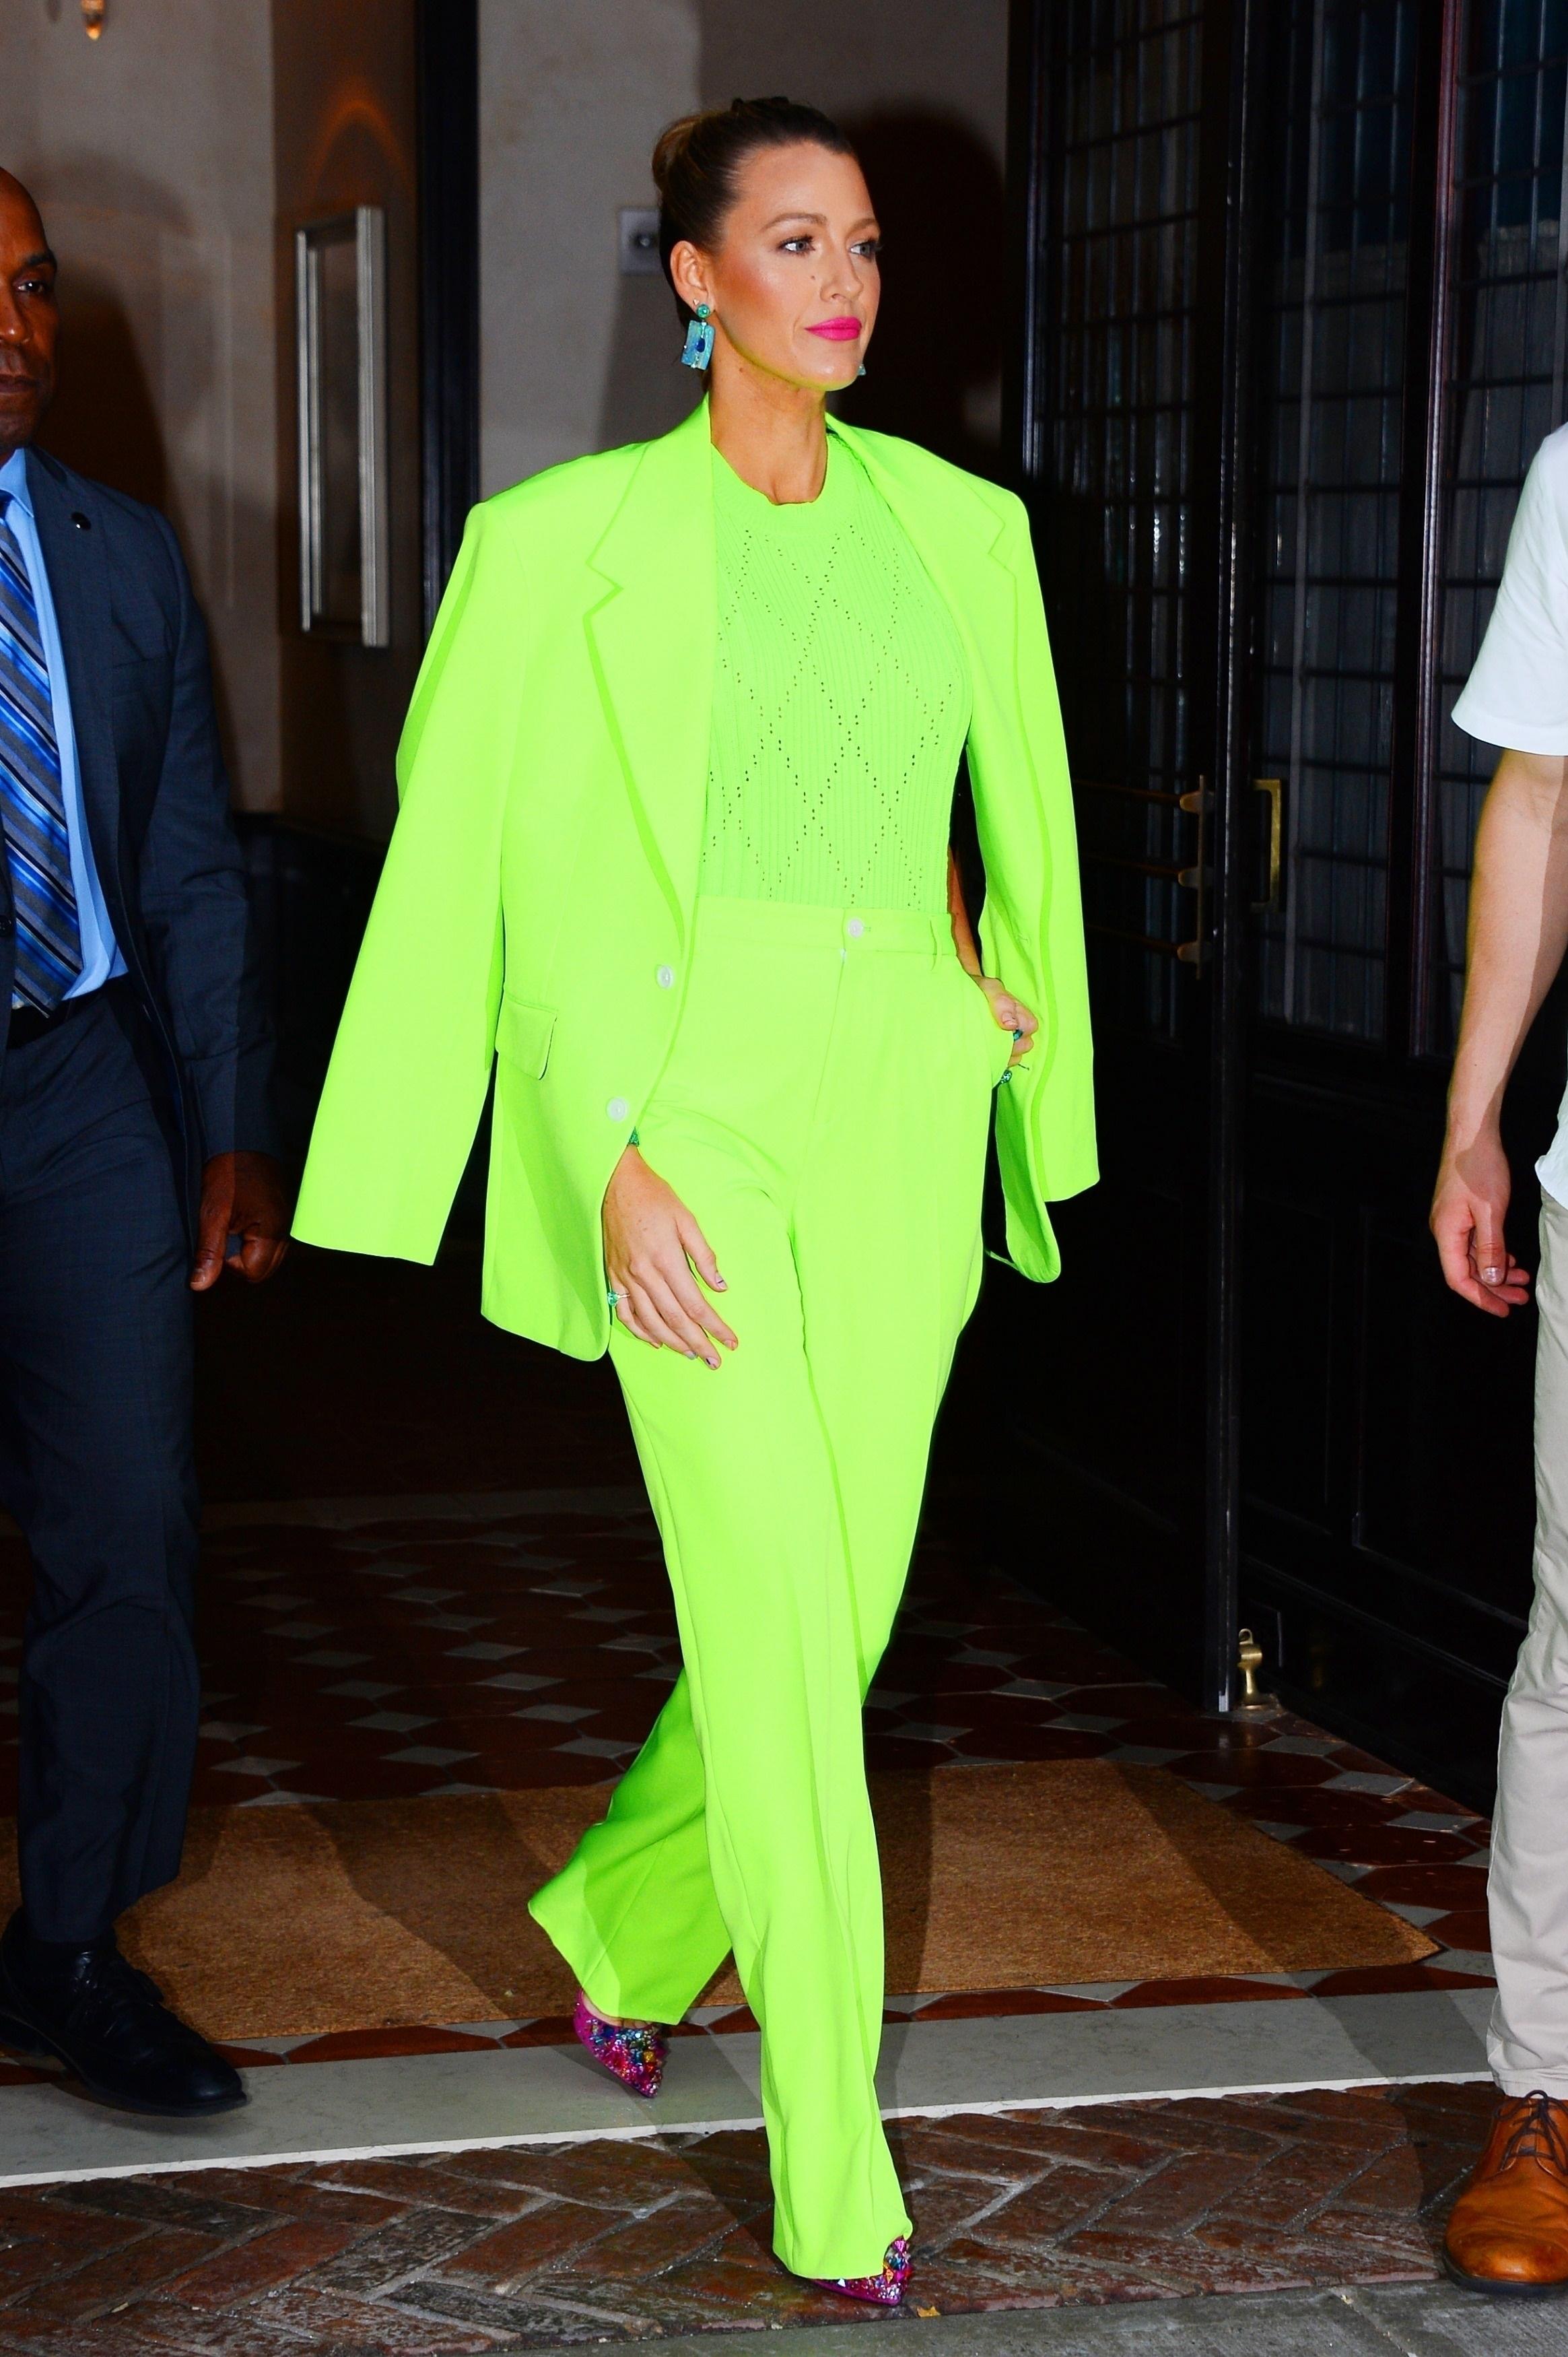 Blake Lively com look todo néon verde-limão